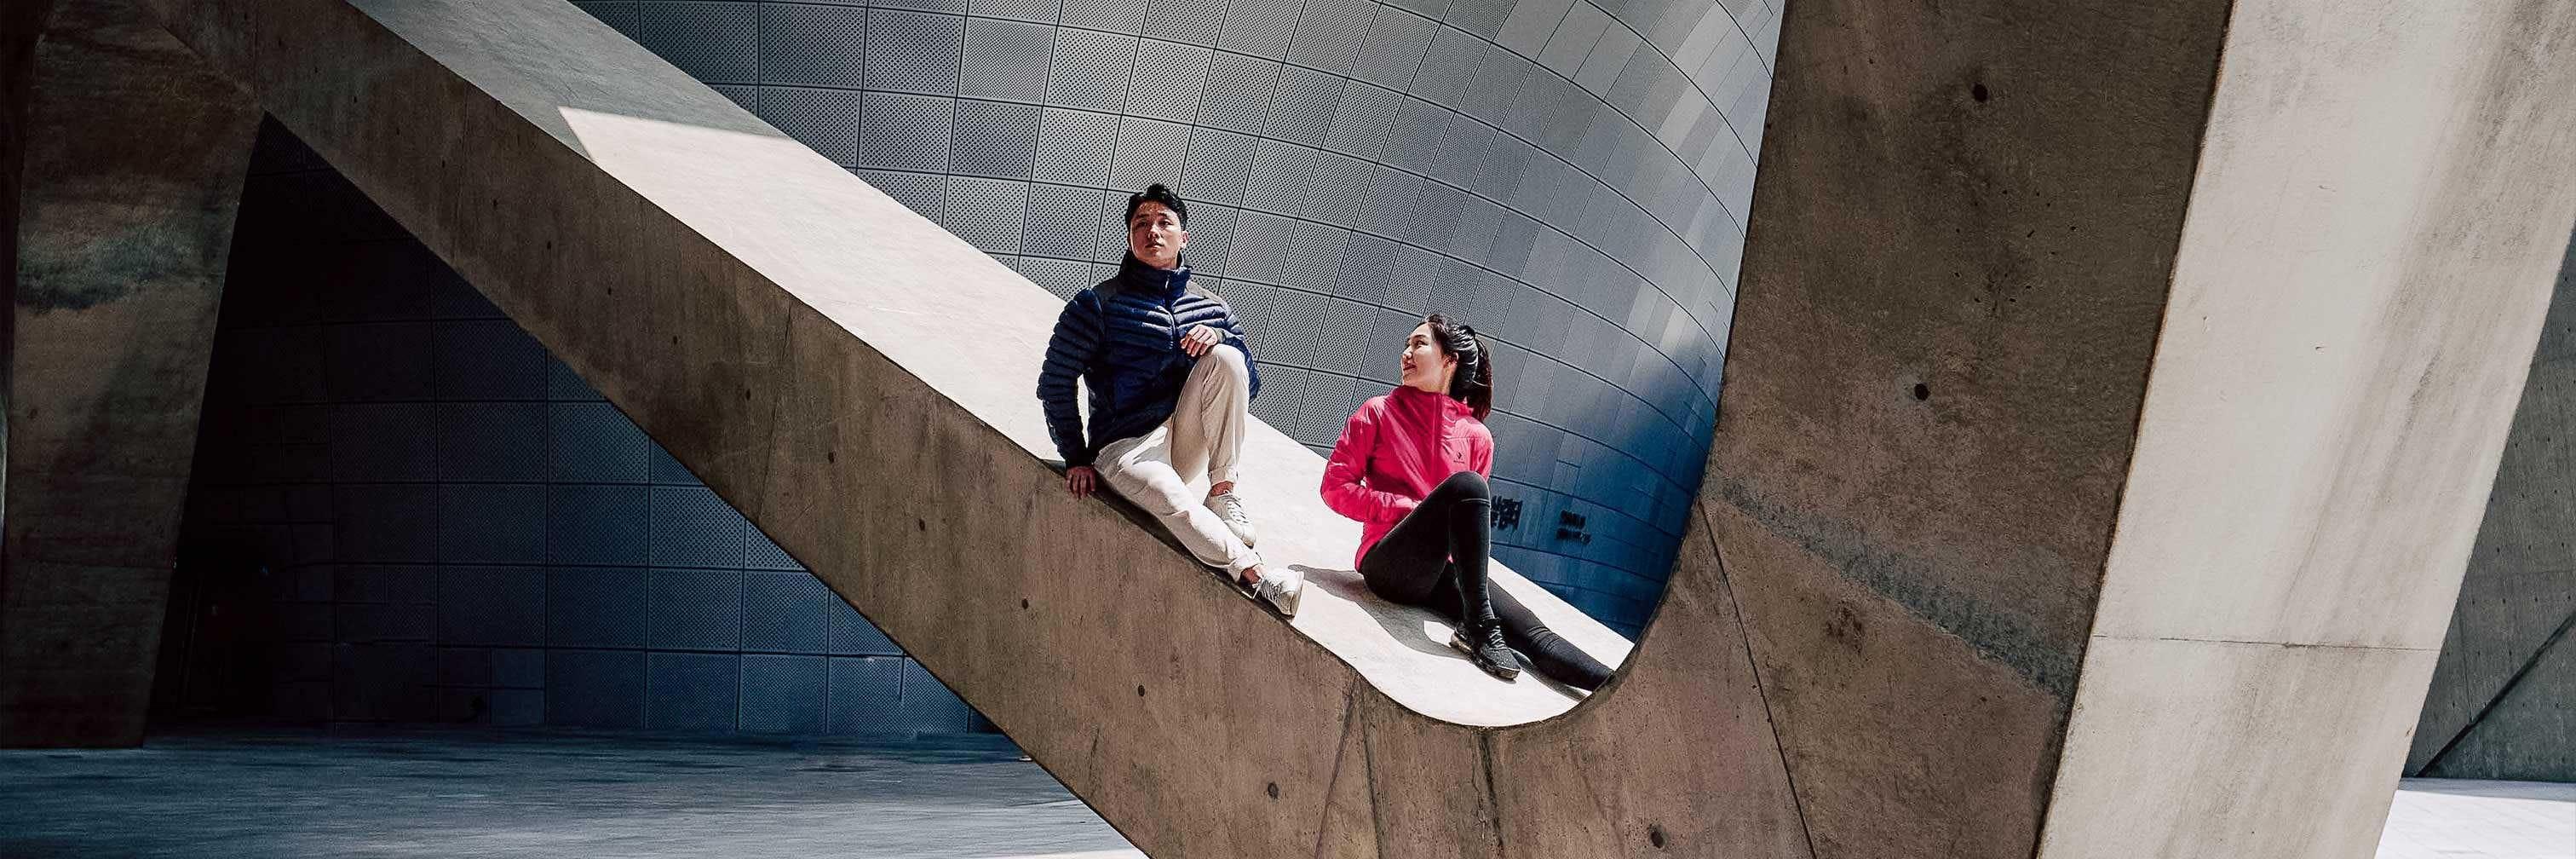 BLACKYAK. L'avenir avec BLACKYAK : La marque de Séoul prend d'assaut l'industrie de l'alpinisme